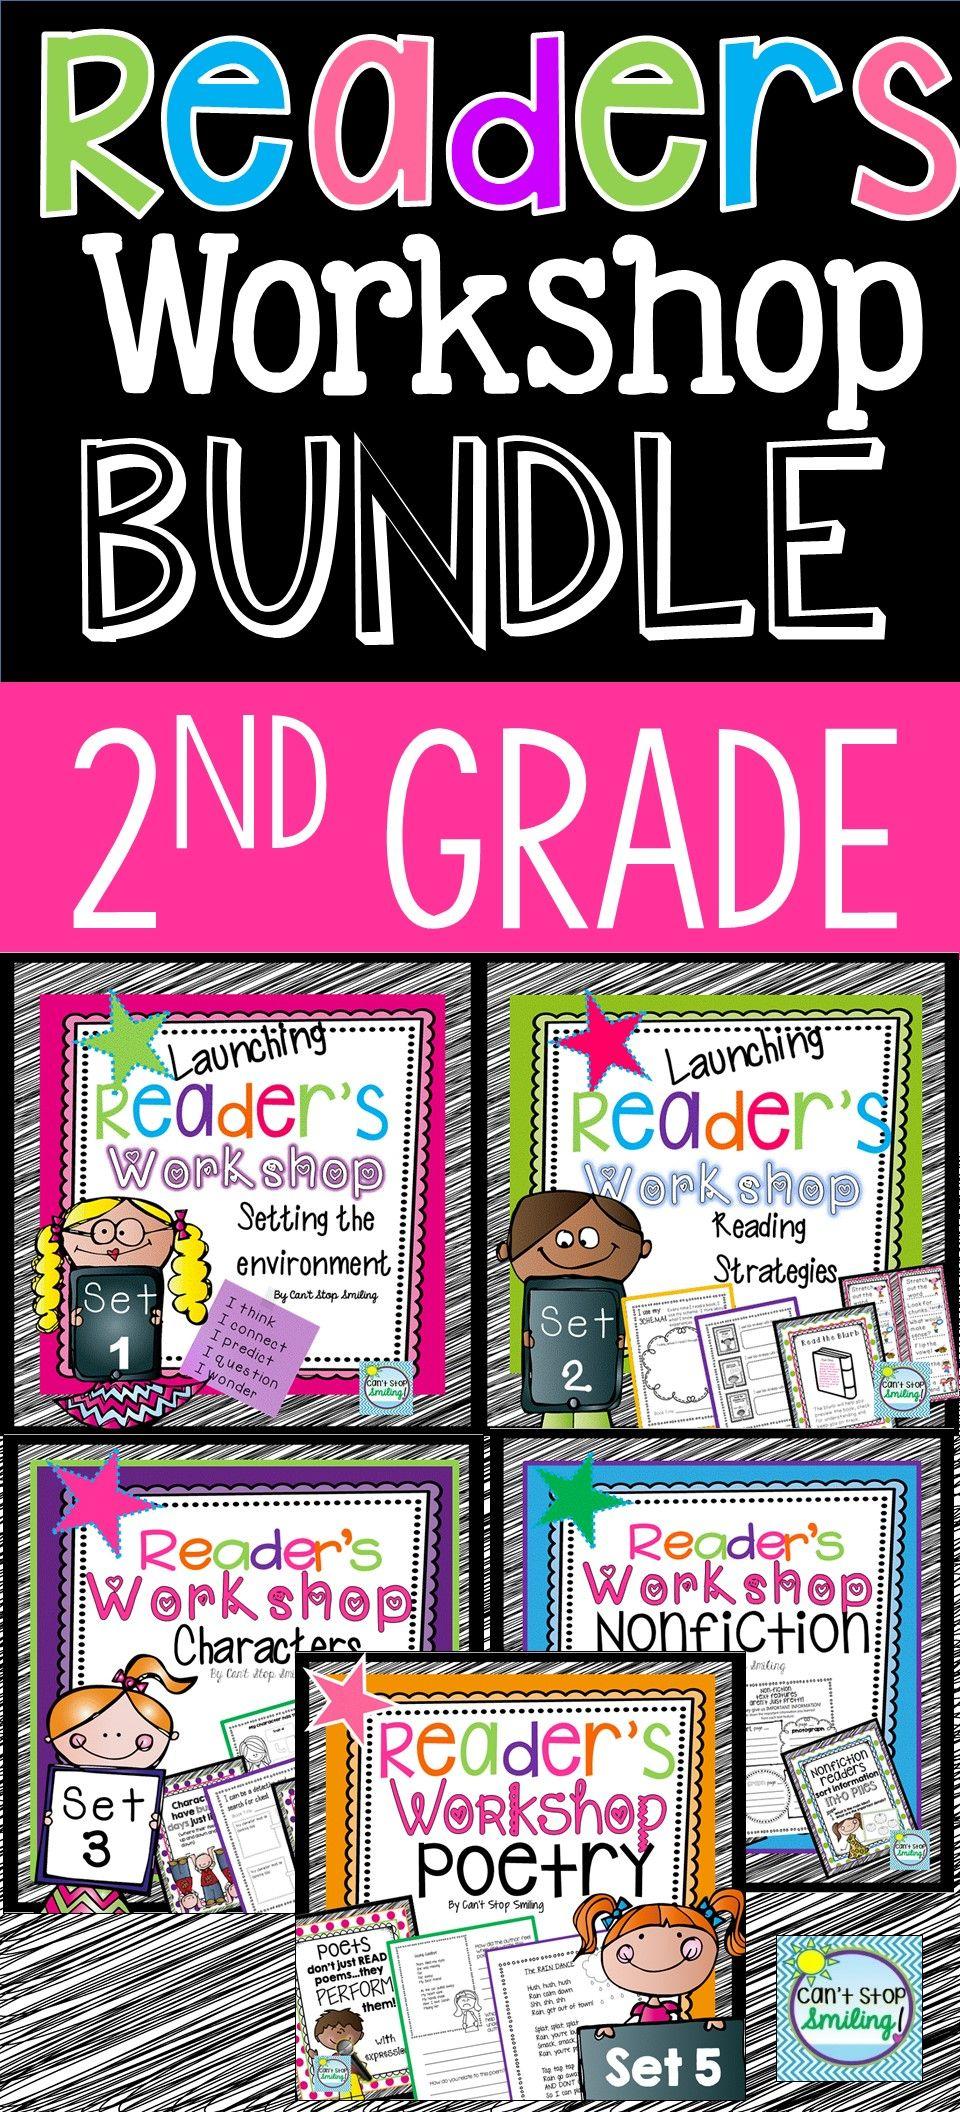 Readers Workshop 2nd Grade Bundle Resources Posters Lessons Readers Workshop Reading Workshop 2nd Grade Reading mini lessons grade